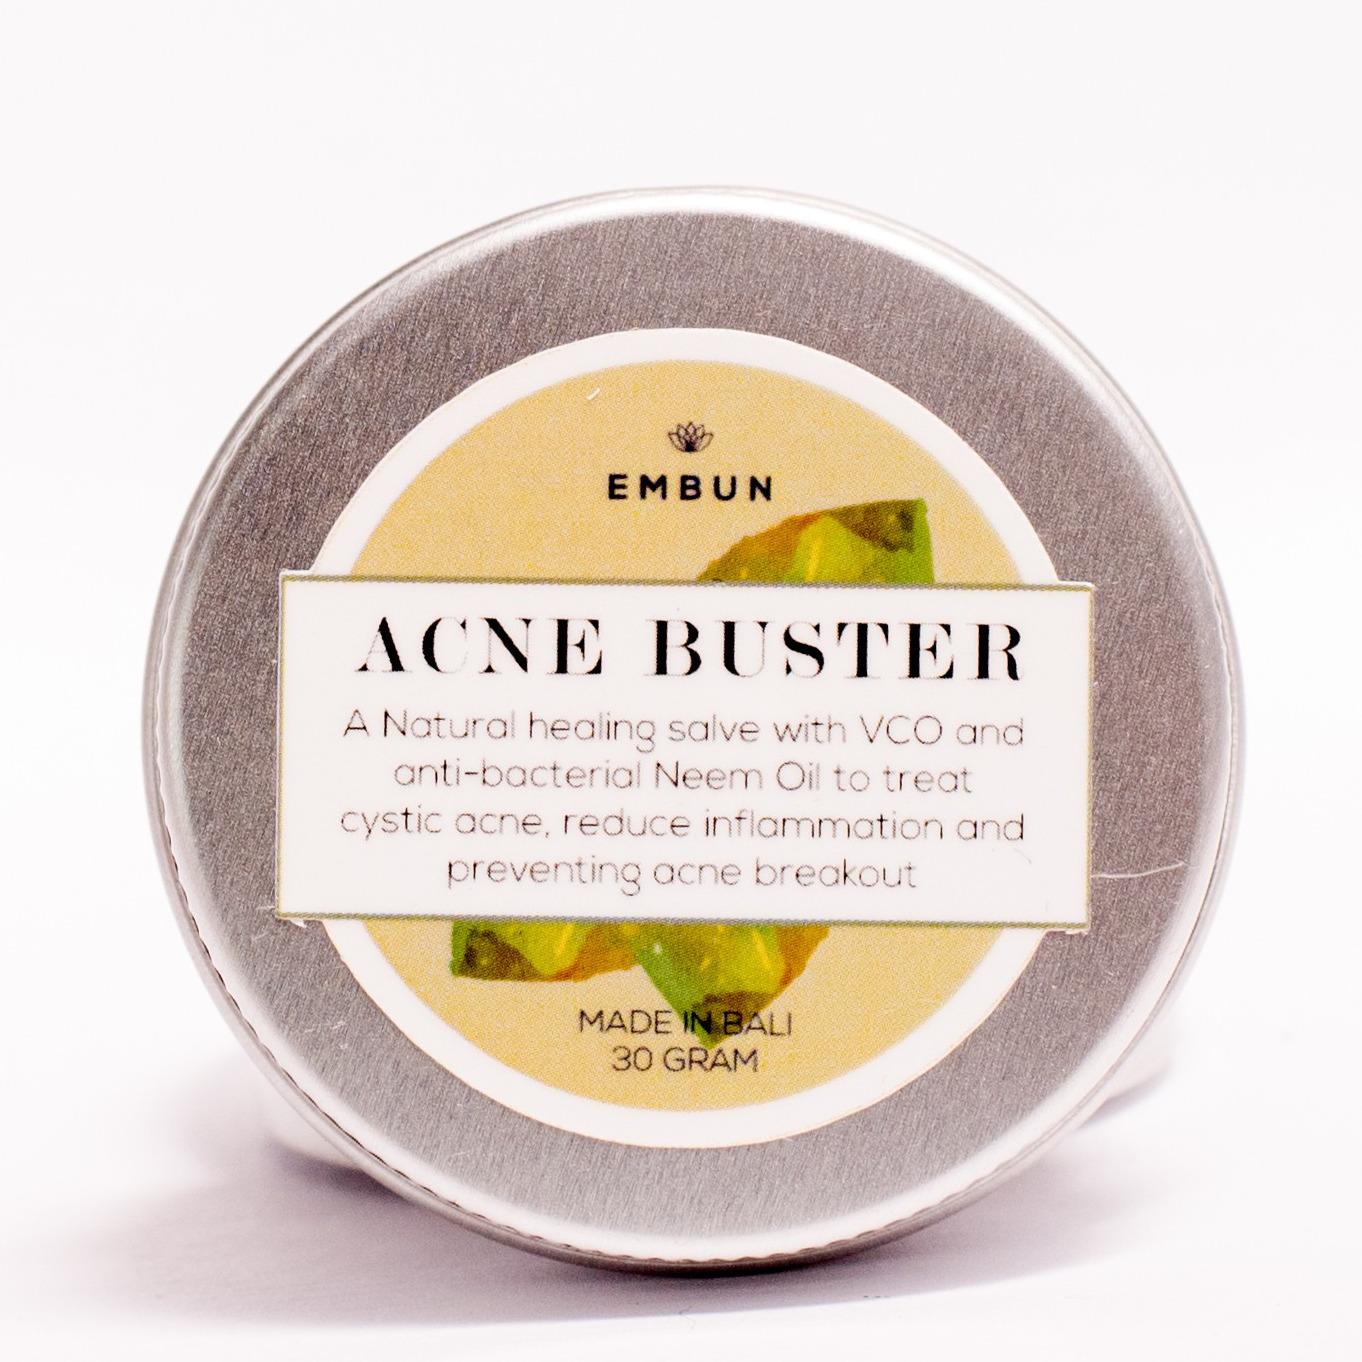 Embun Acne Buster Cream